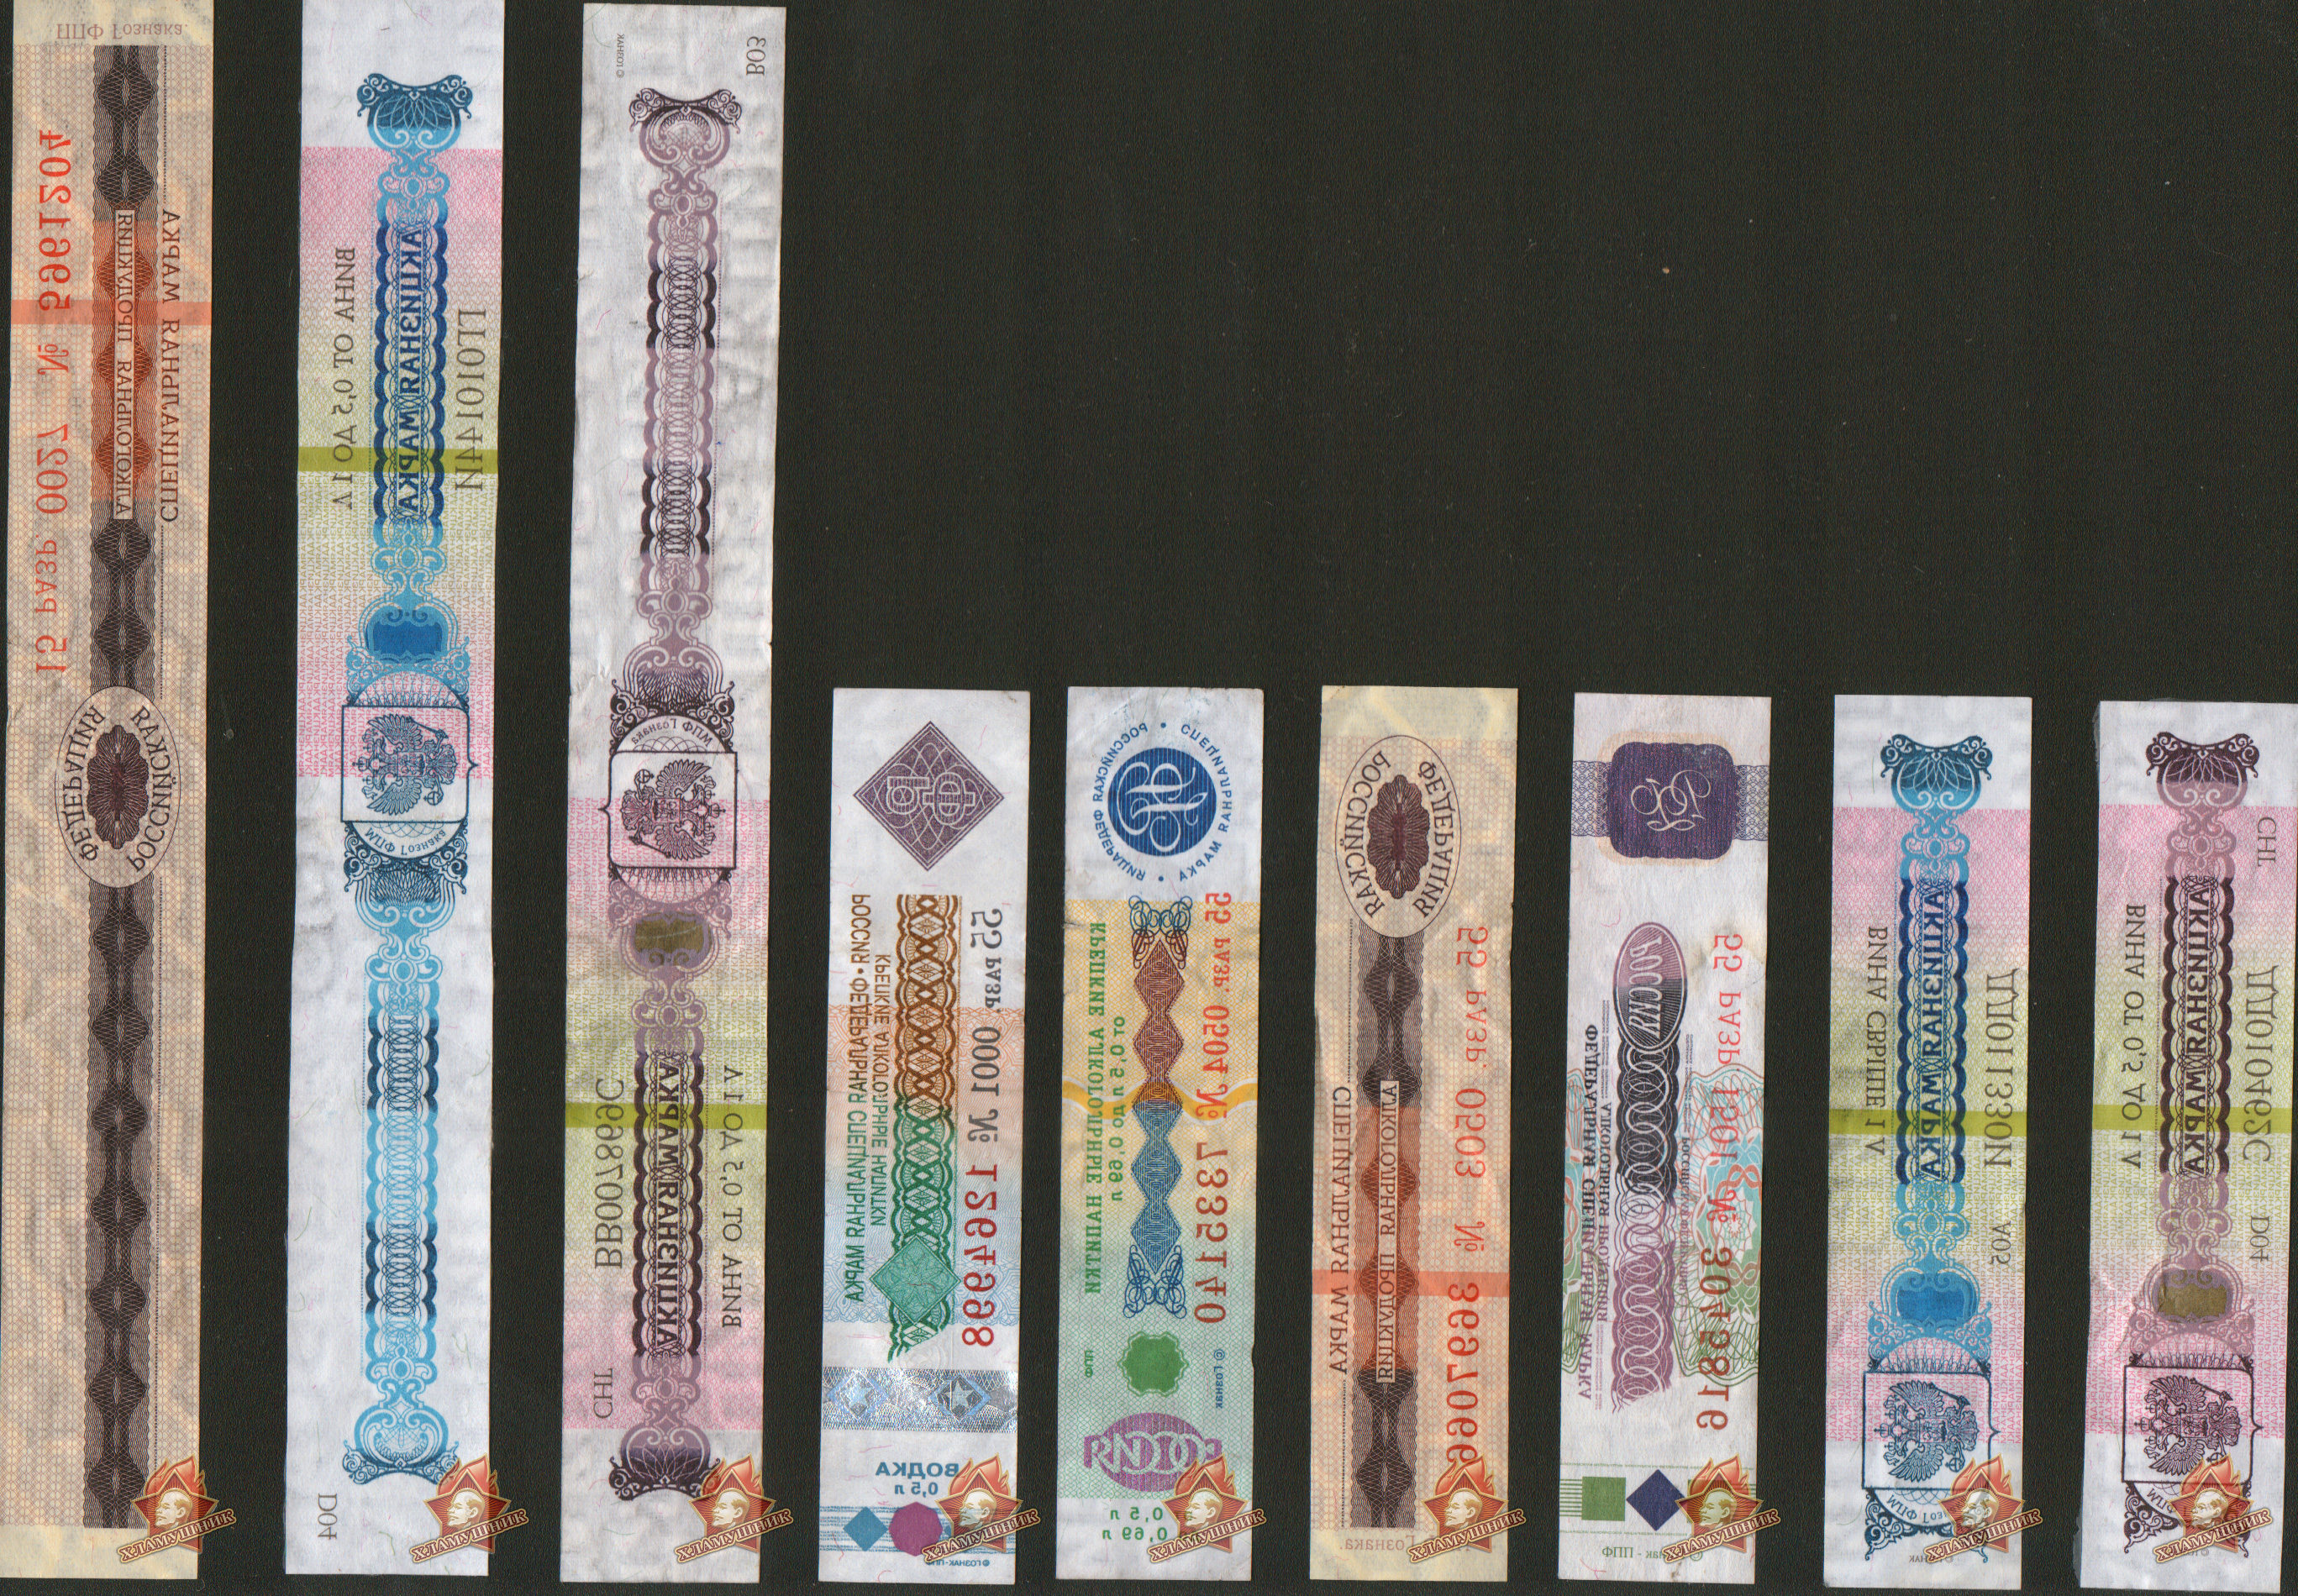 Специальные мароки Российской Федерации для маркировки алкоголя. Акцизы.